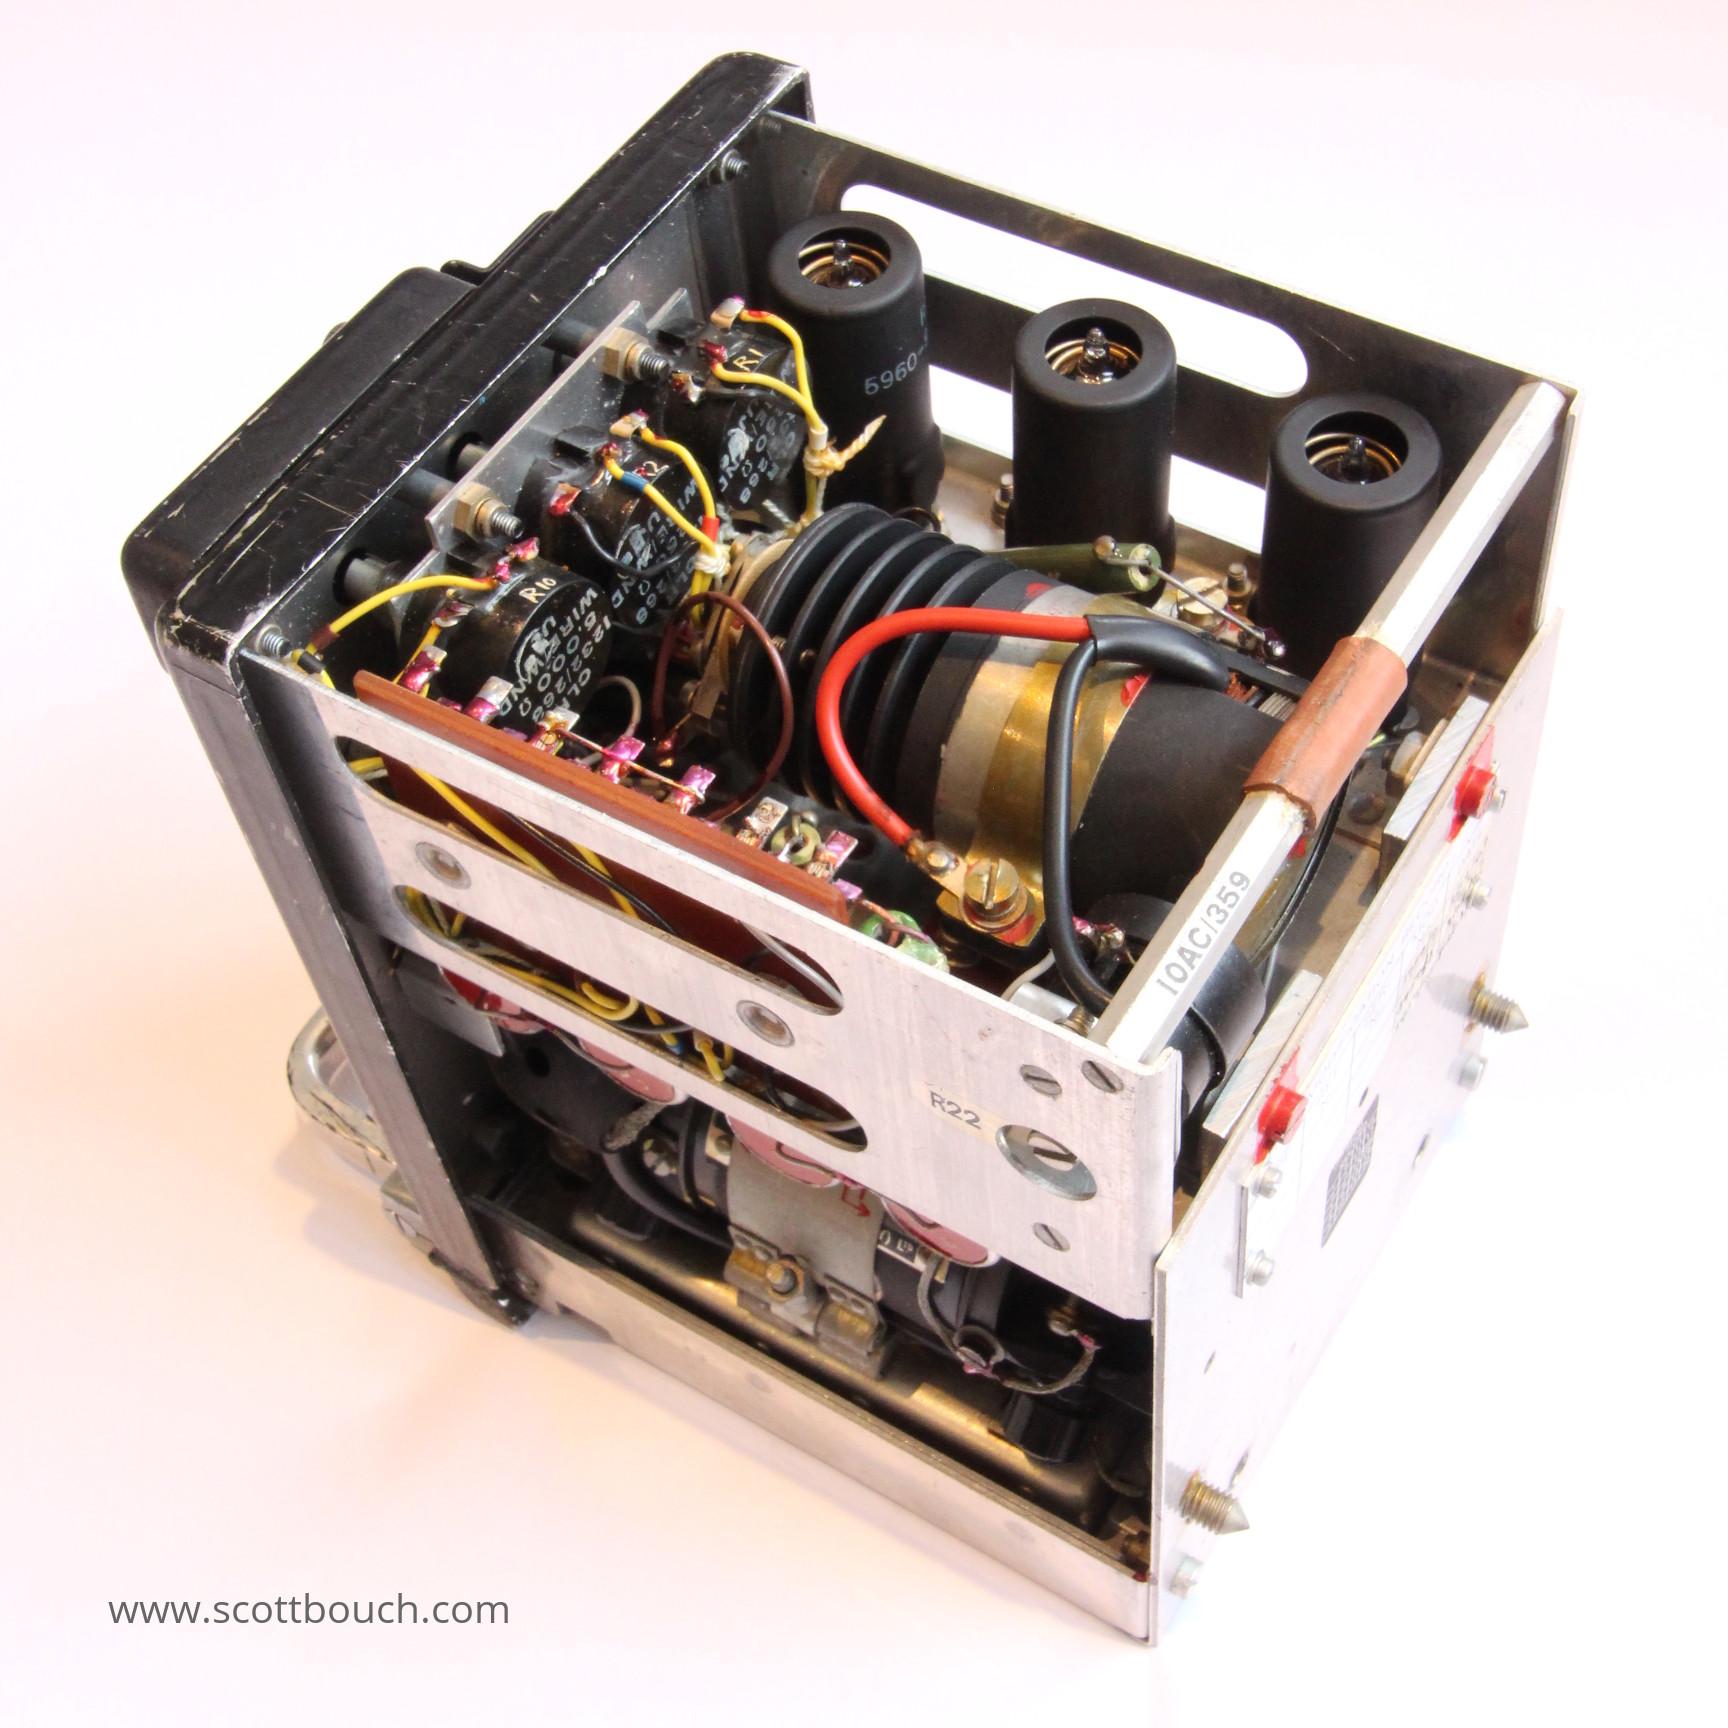 A1961 Intercom Amplifier Scottbouch Diy Circuit Diagram Inside